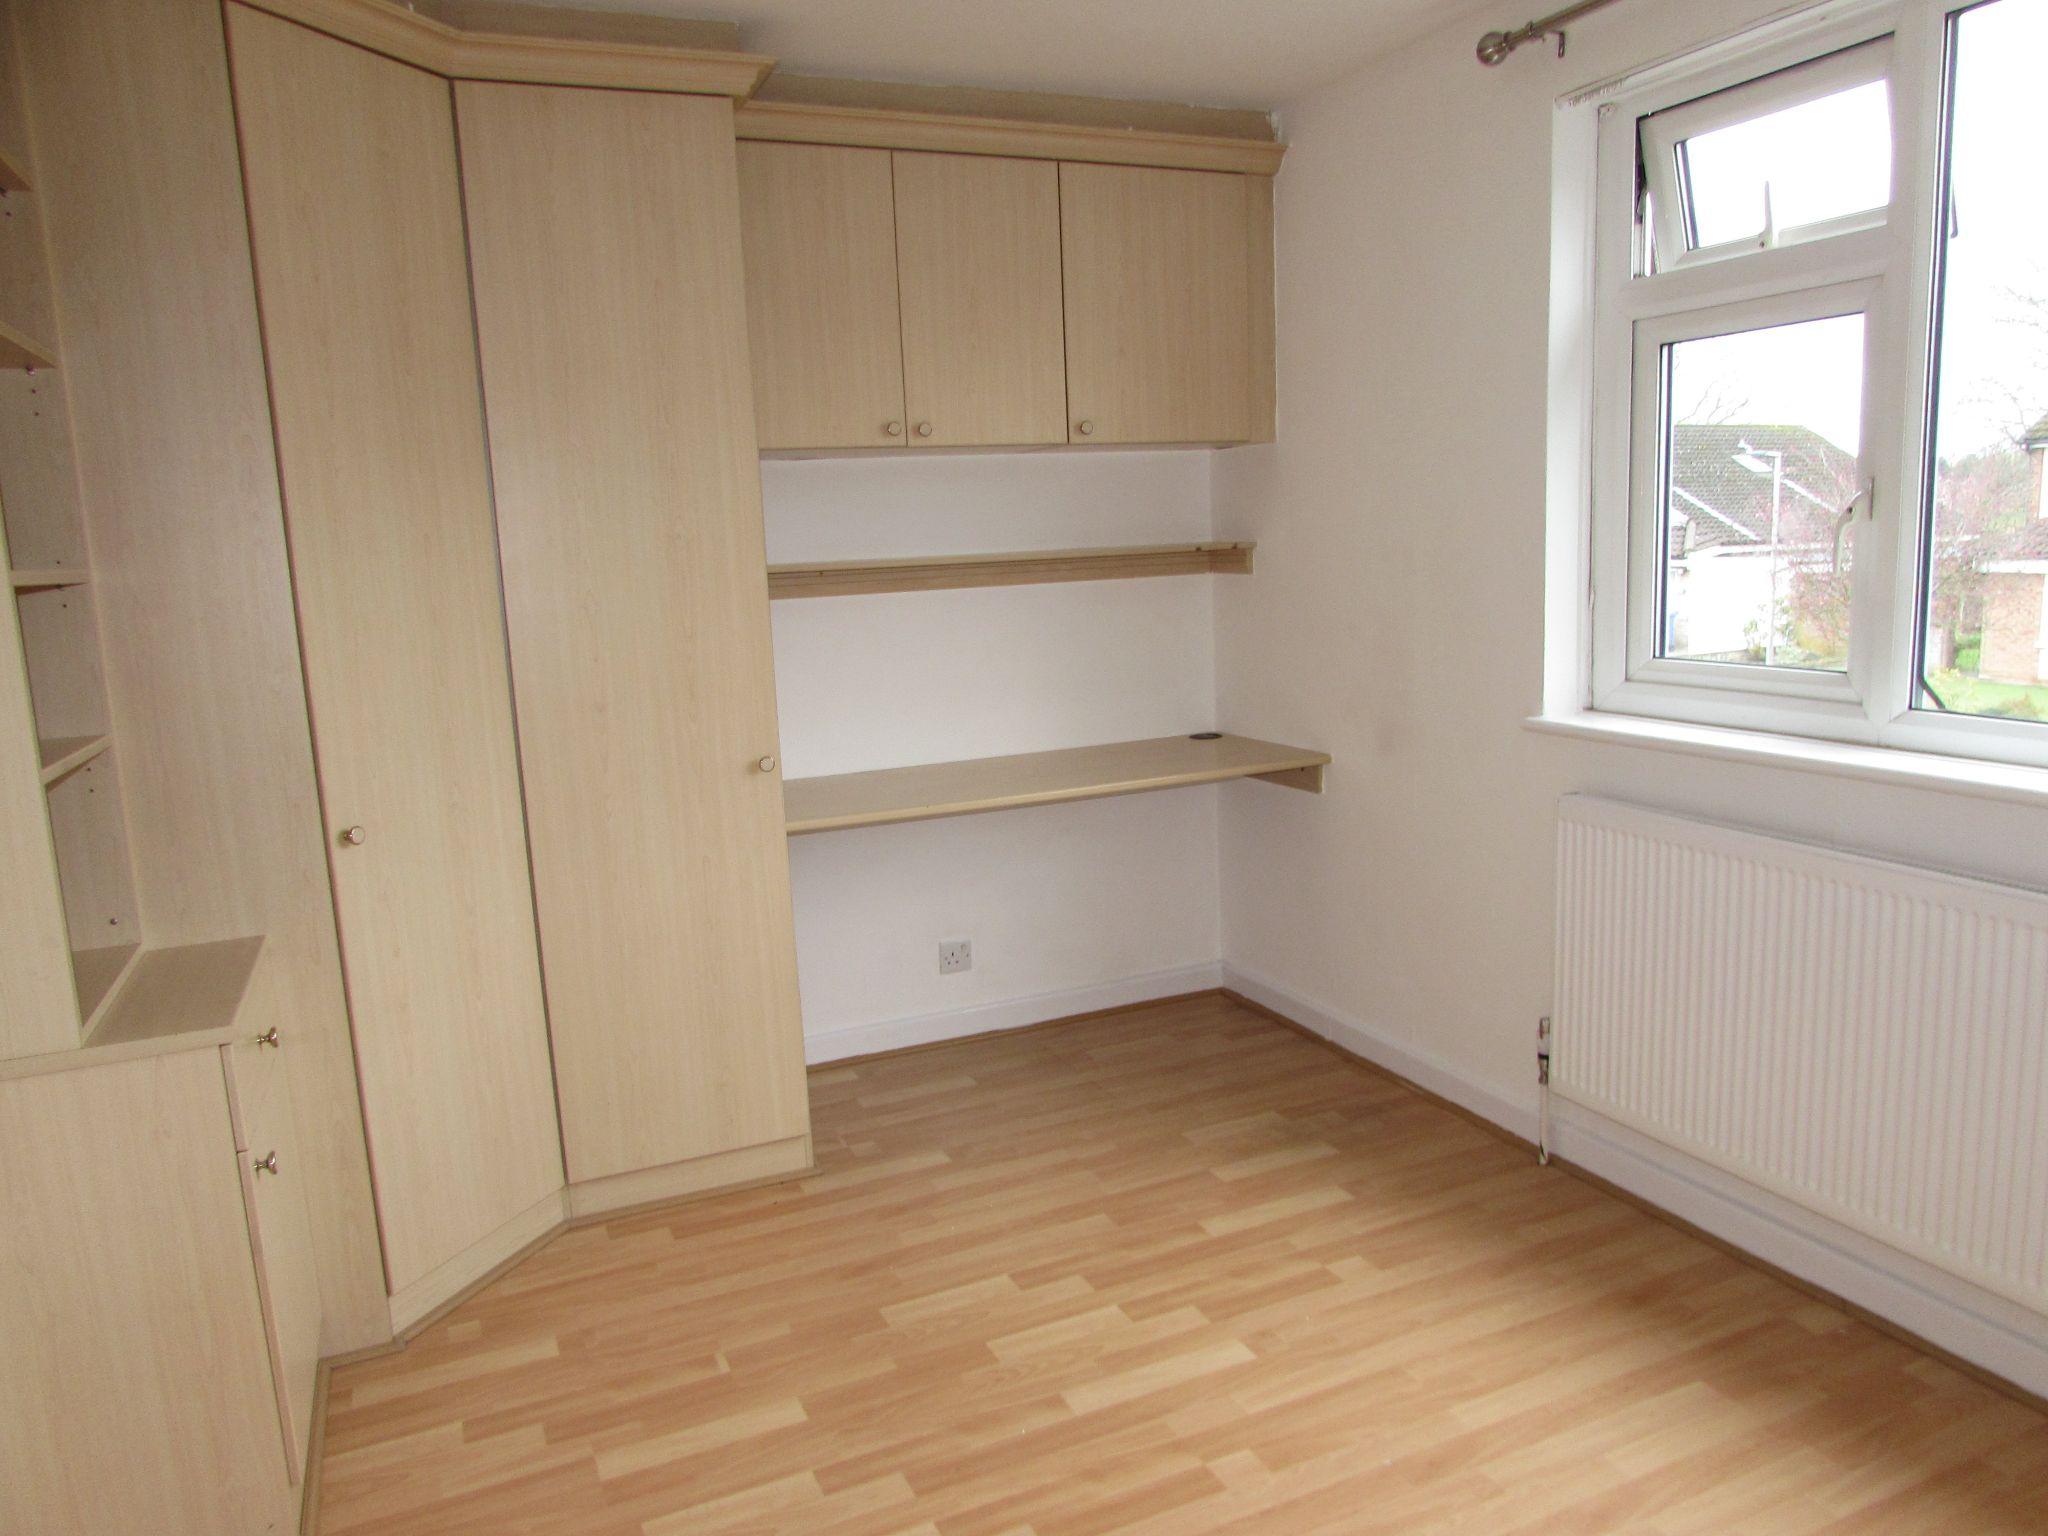 4 Bedroom Detached House To Rent - Bedroom 3